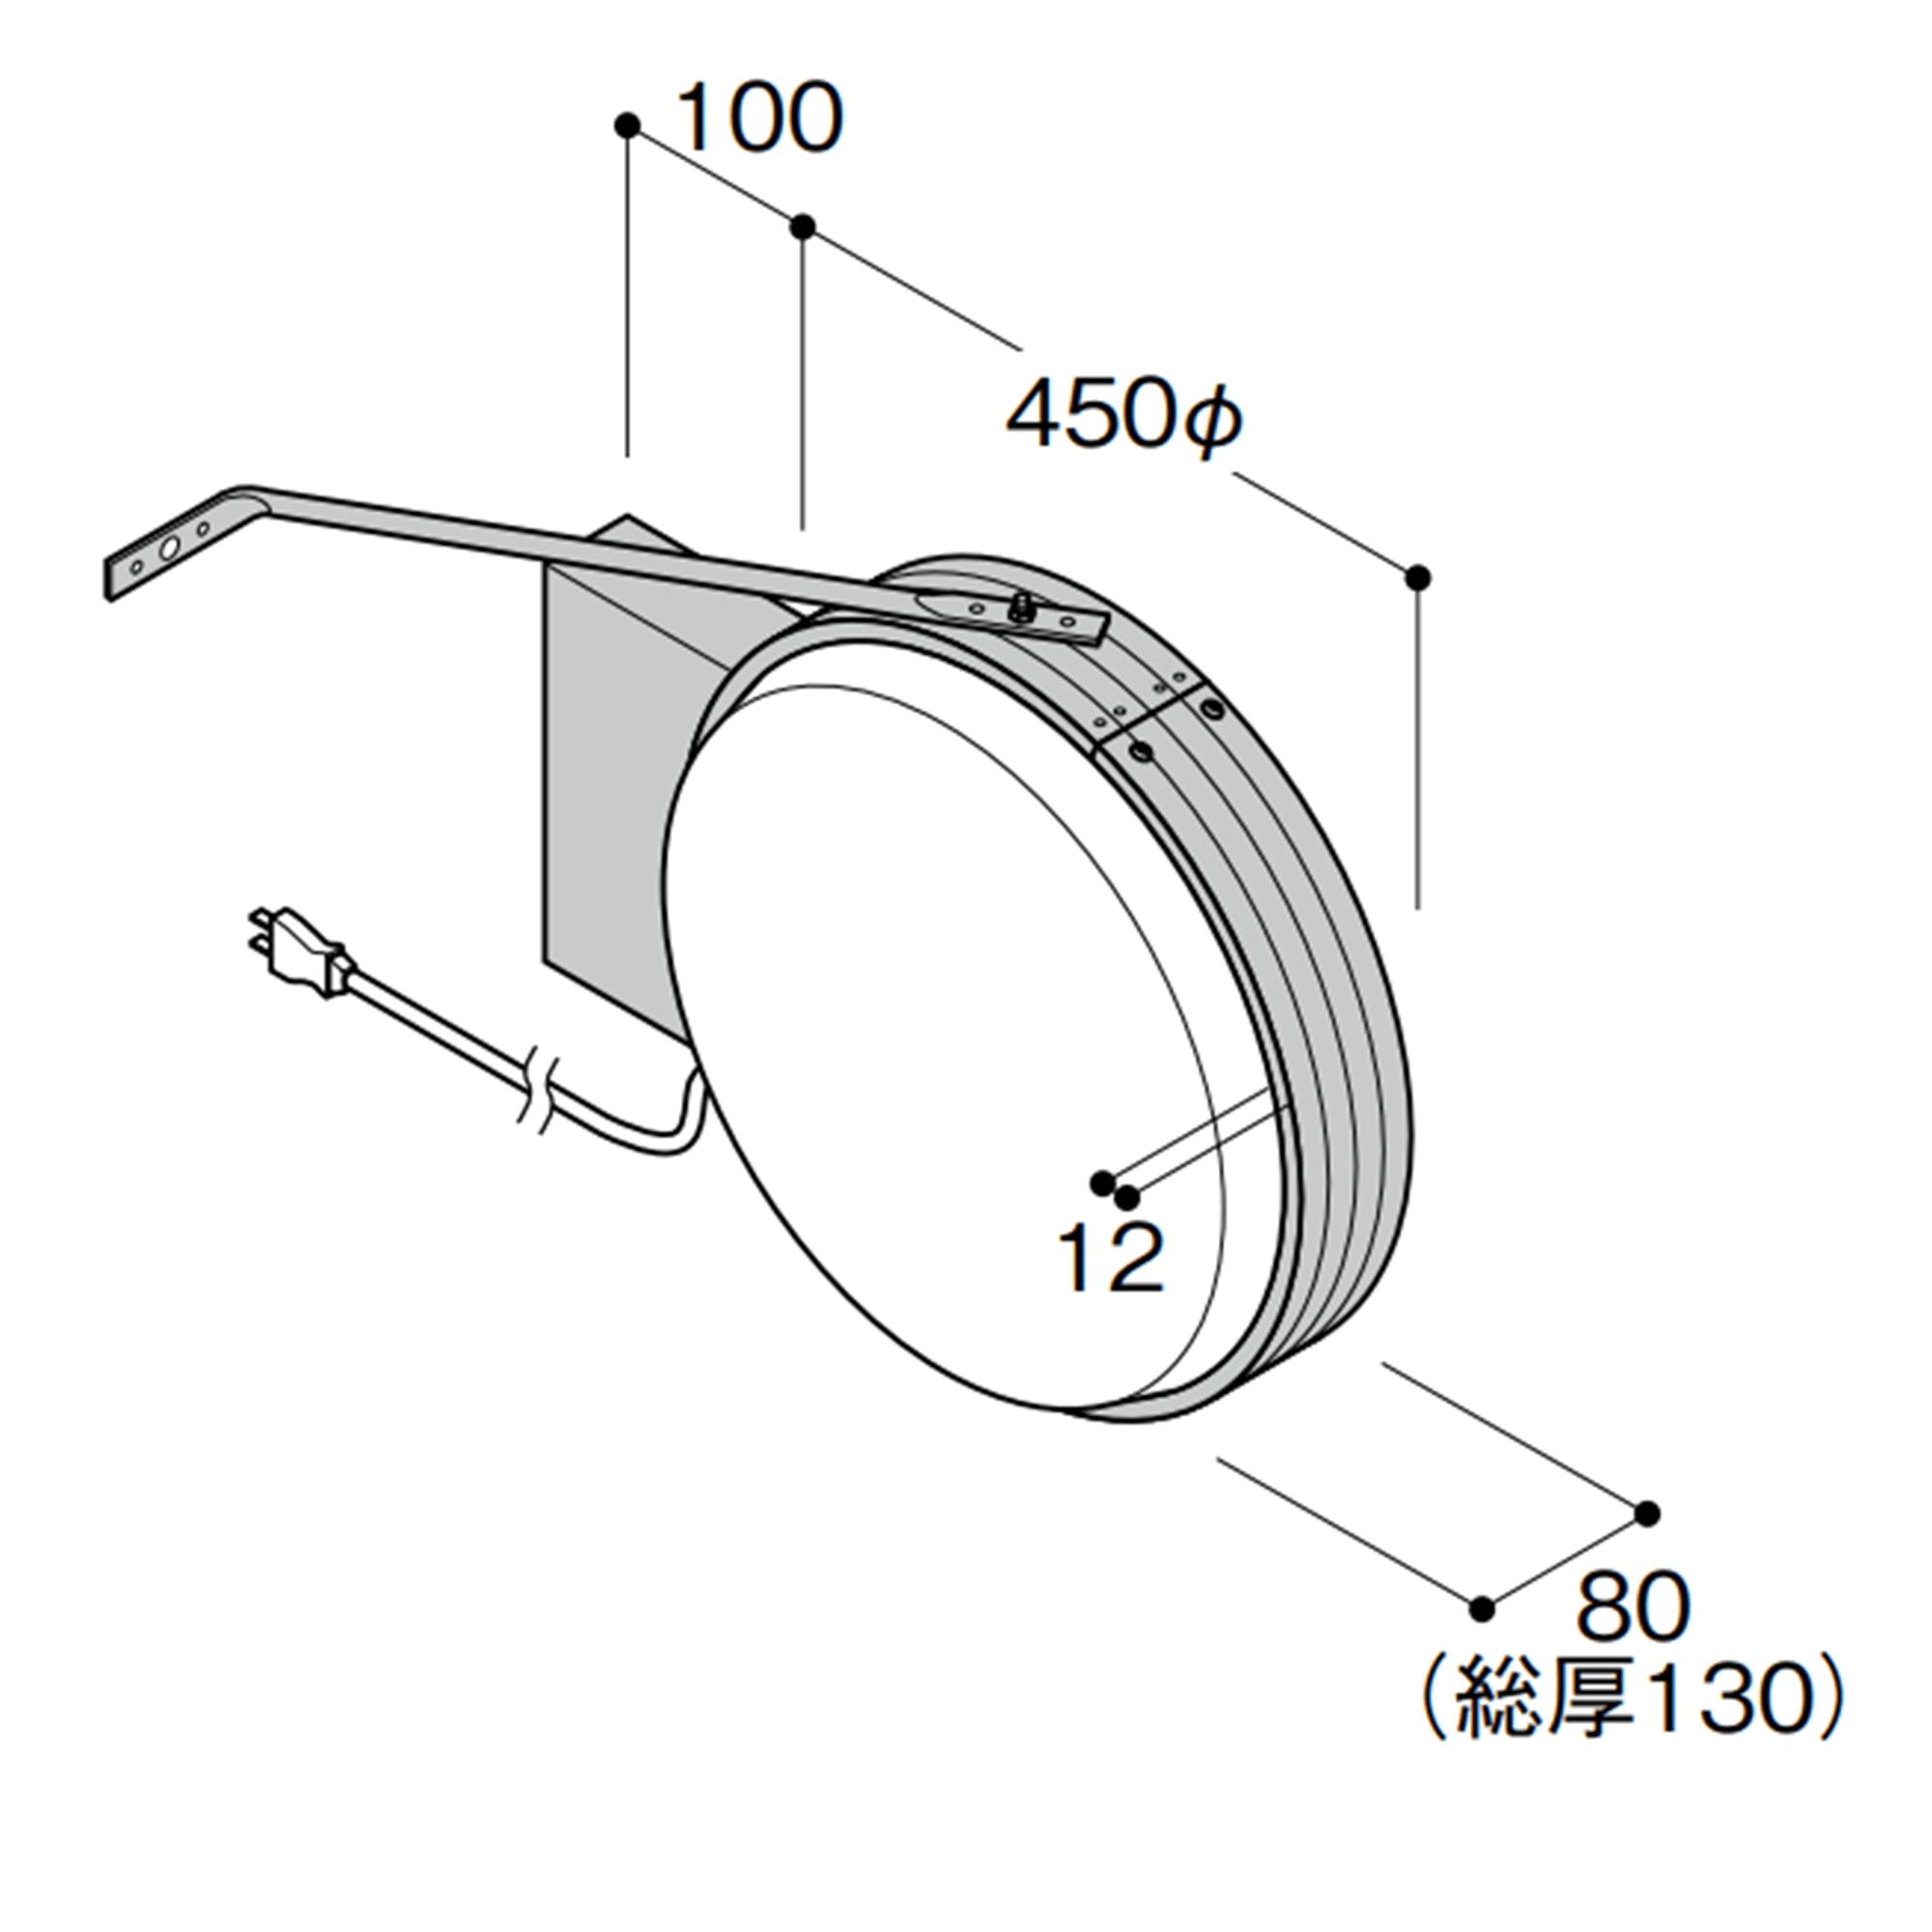 【構造図[立体]】【蛍光灯】アルミサイン小型「丸」突出し看板ADS-4508 シルバー